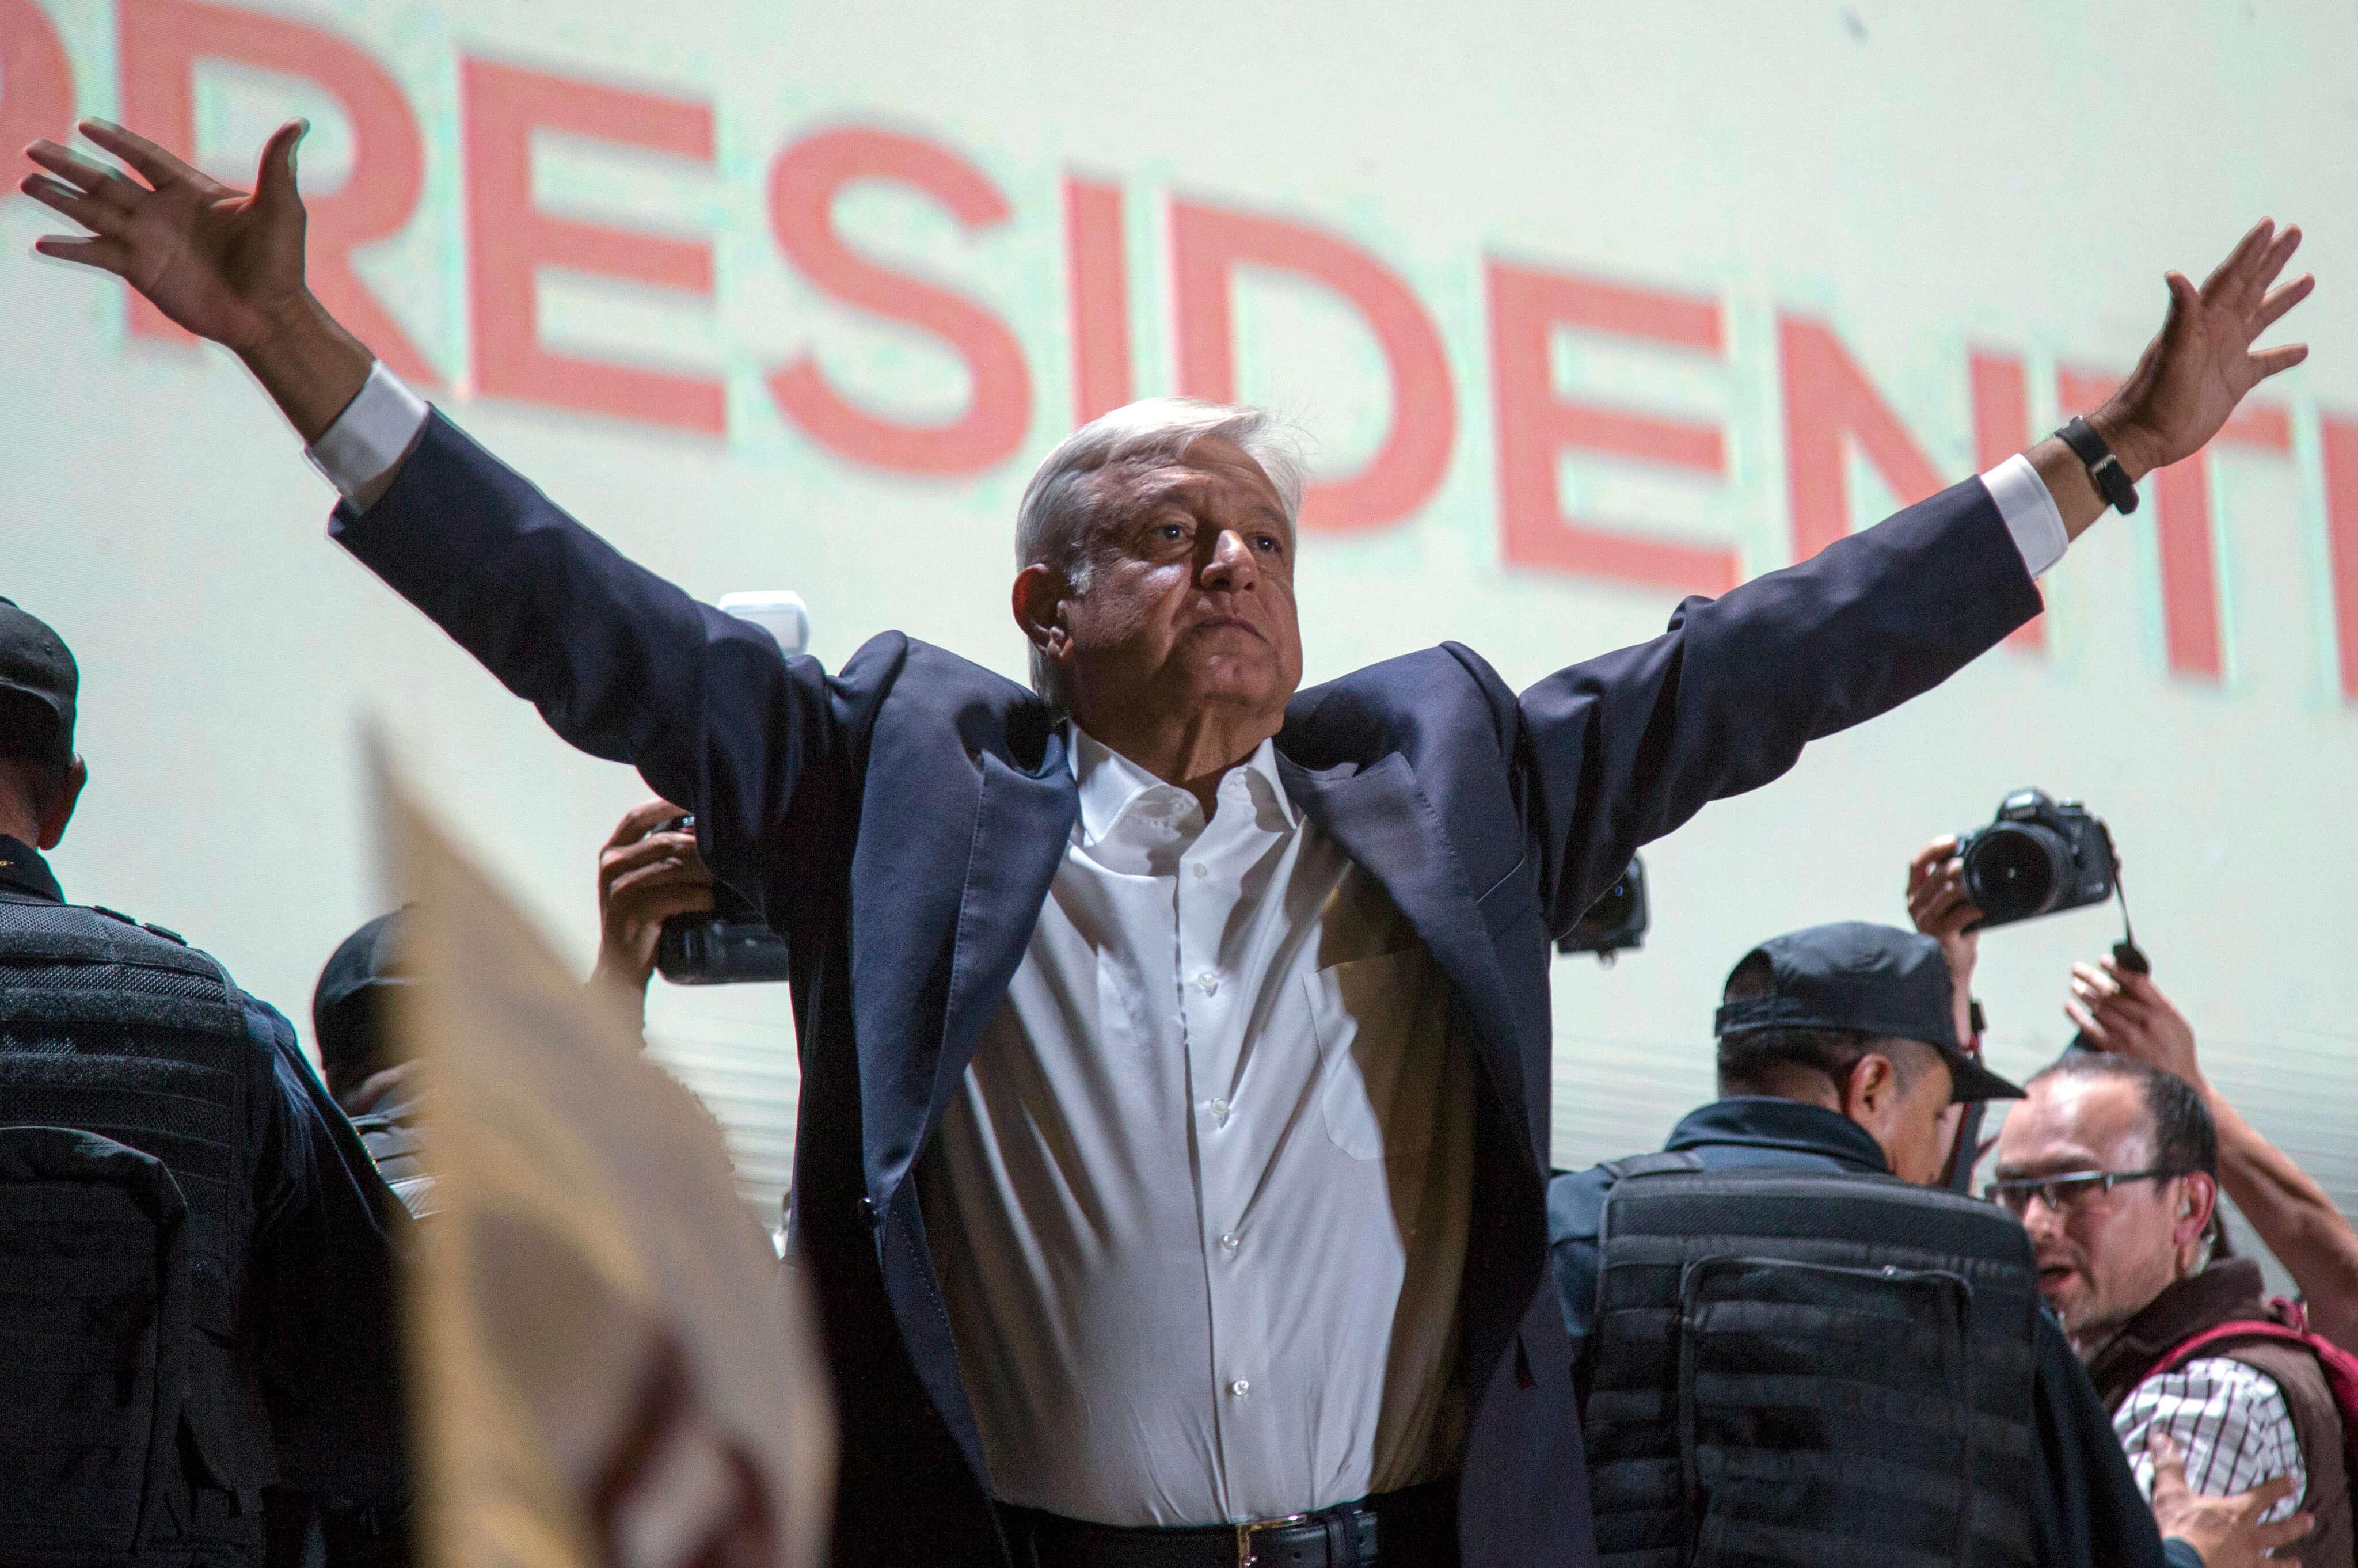 López Obrador concede a Despierta primera entrevista tras victoria electoral